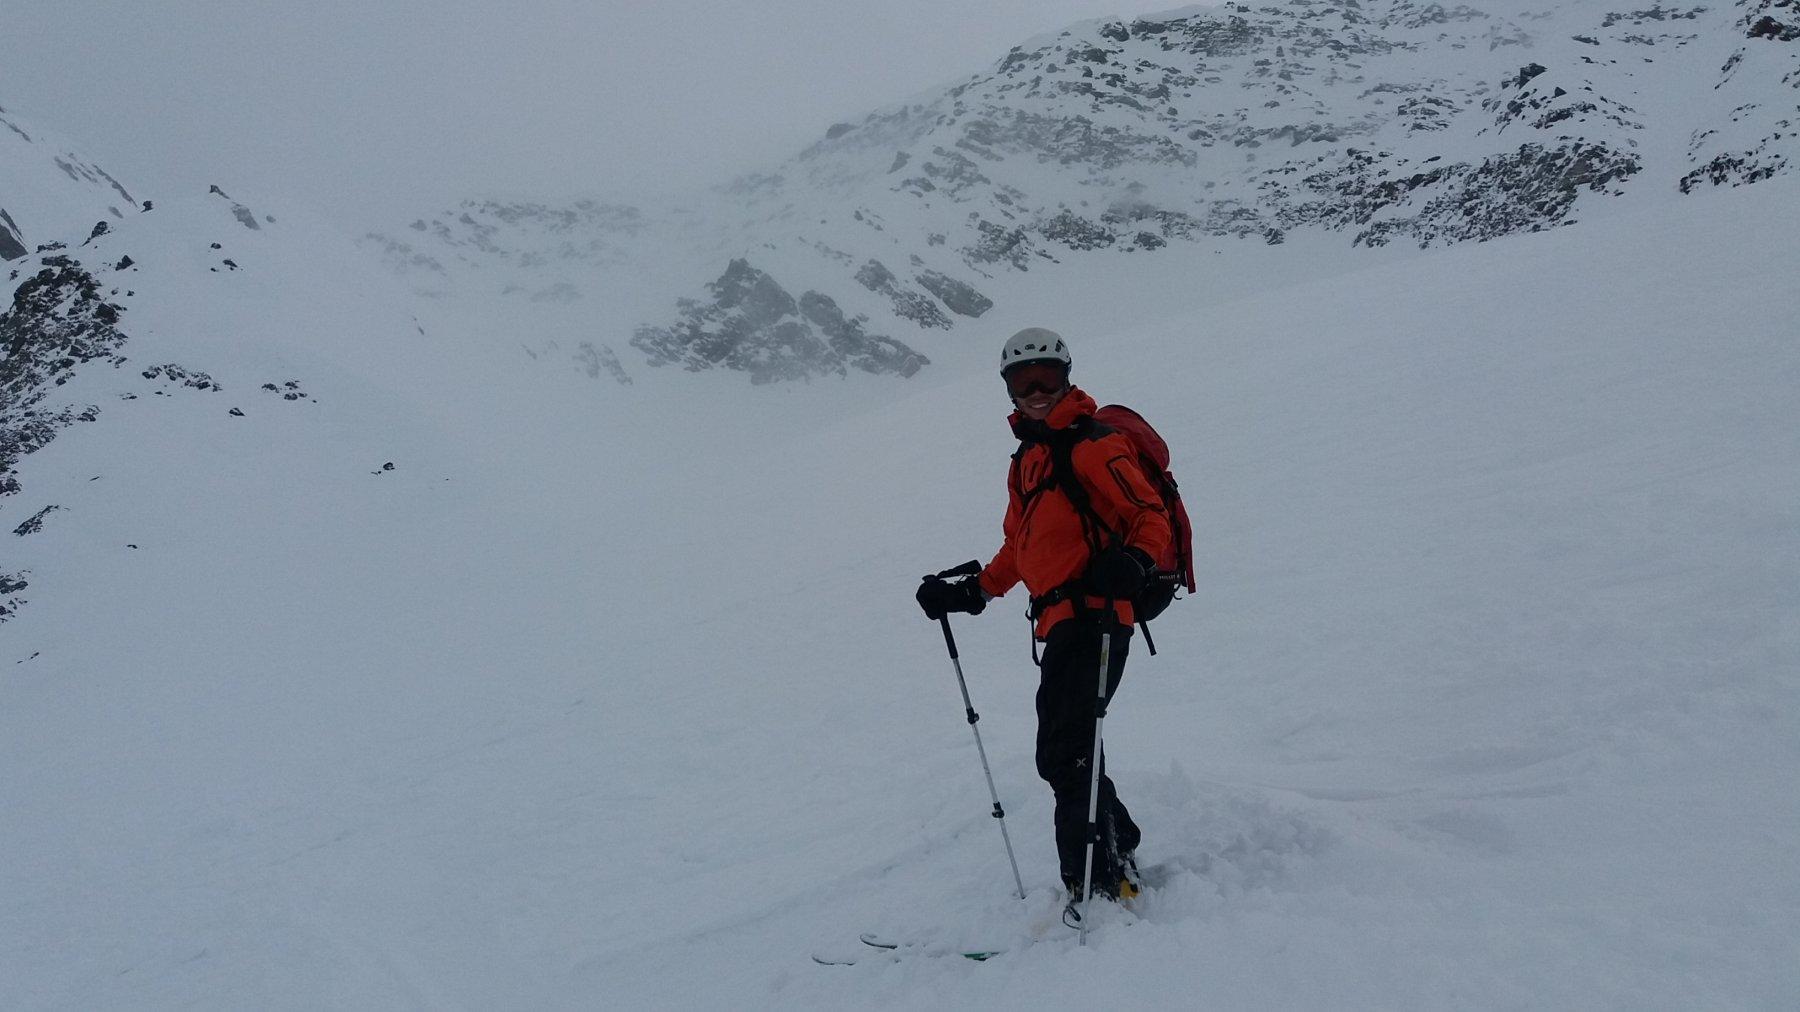 Neve un po' pesante soltanto negli ultimi 100 metri